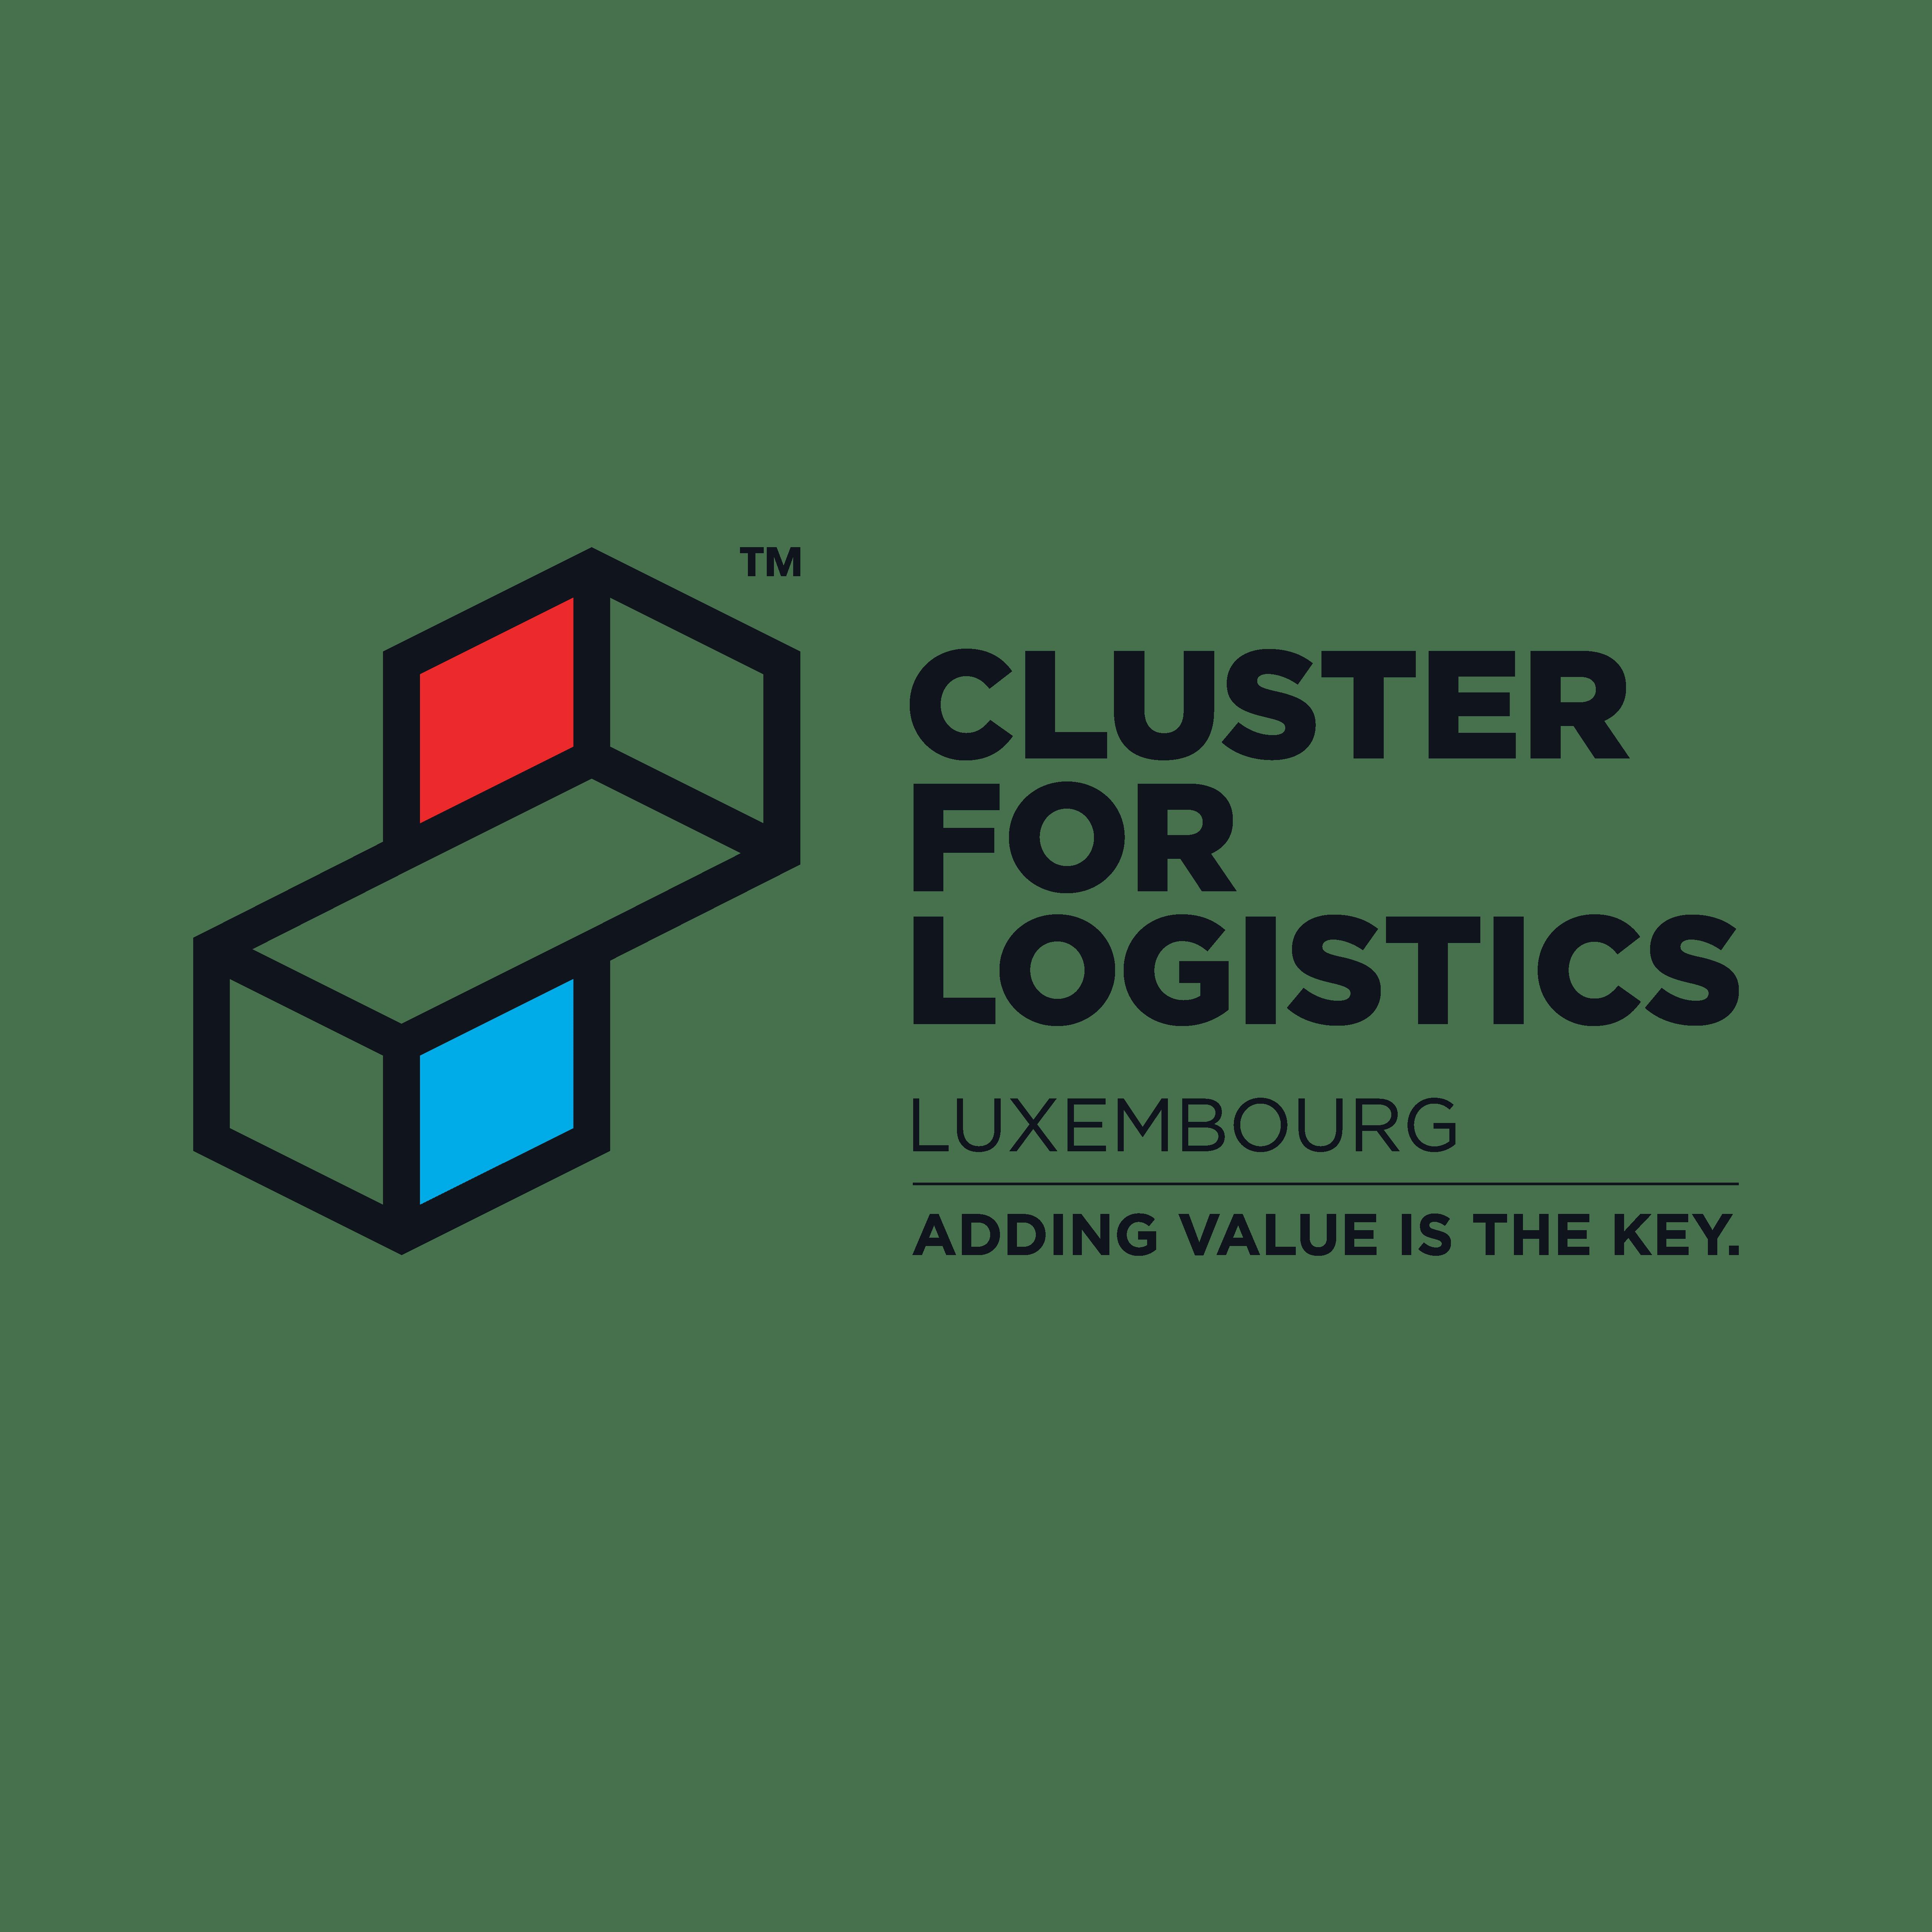 ルクセンブルクのロジスティクス協会とGROUNDが提唱・推進する「Intelligent Logistics Center®※」構想について情報交換